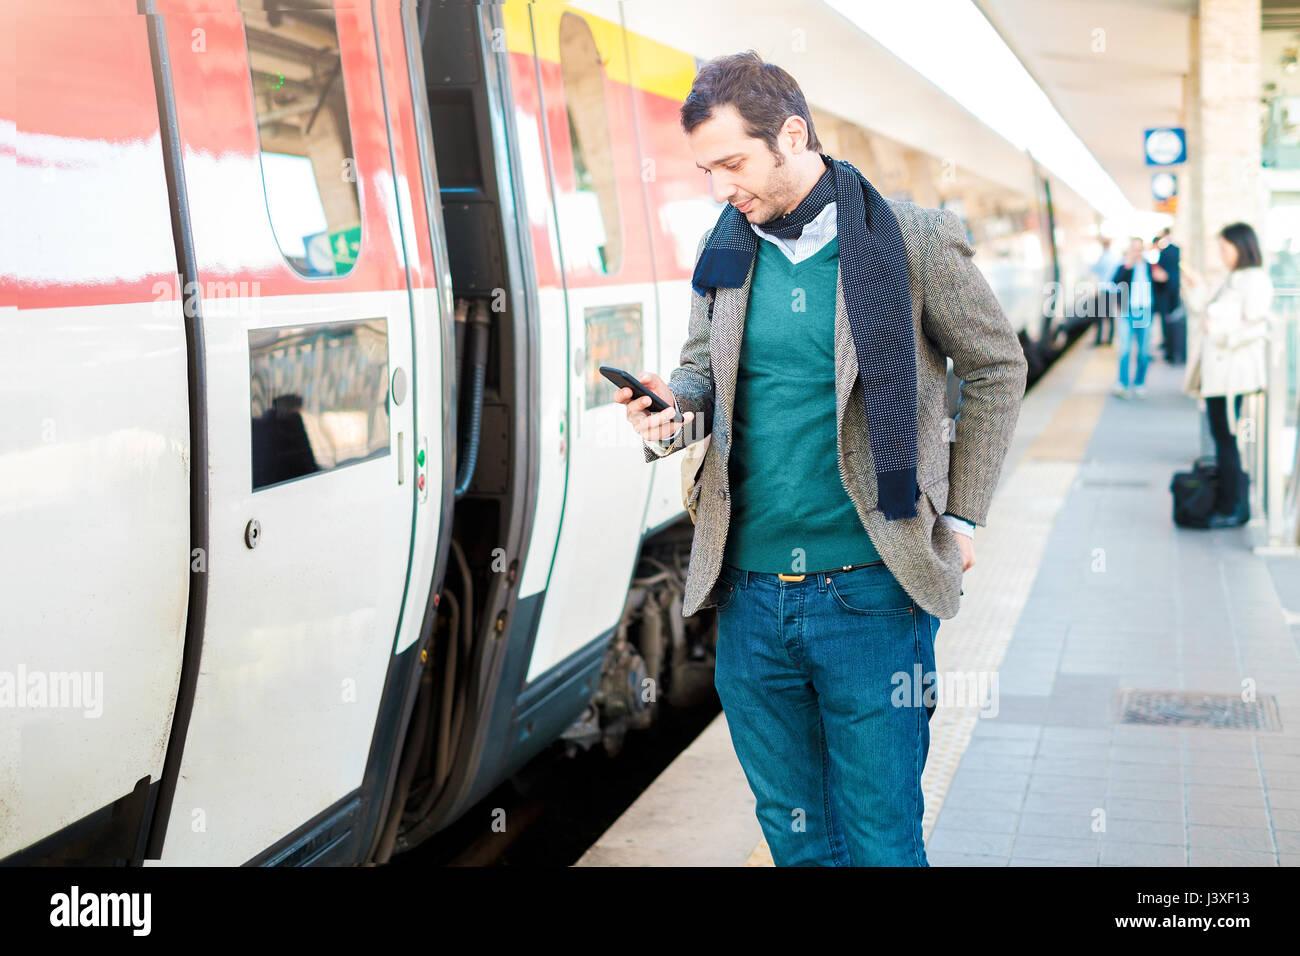 Uomo in piedi in attesa per il treno in una stazione ferroviaria platform Immagini Stock